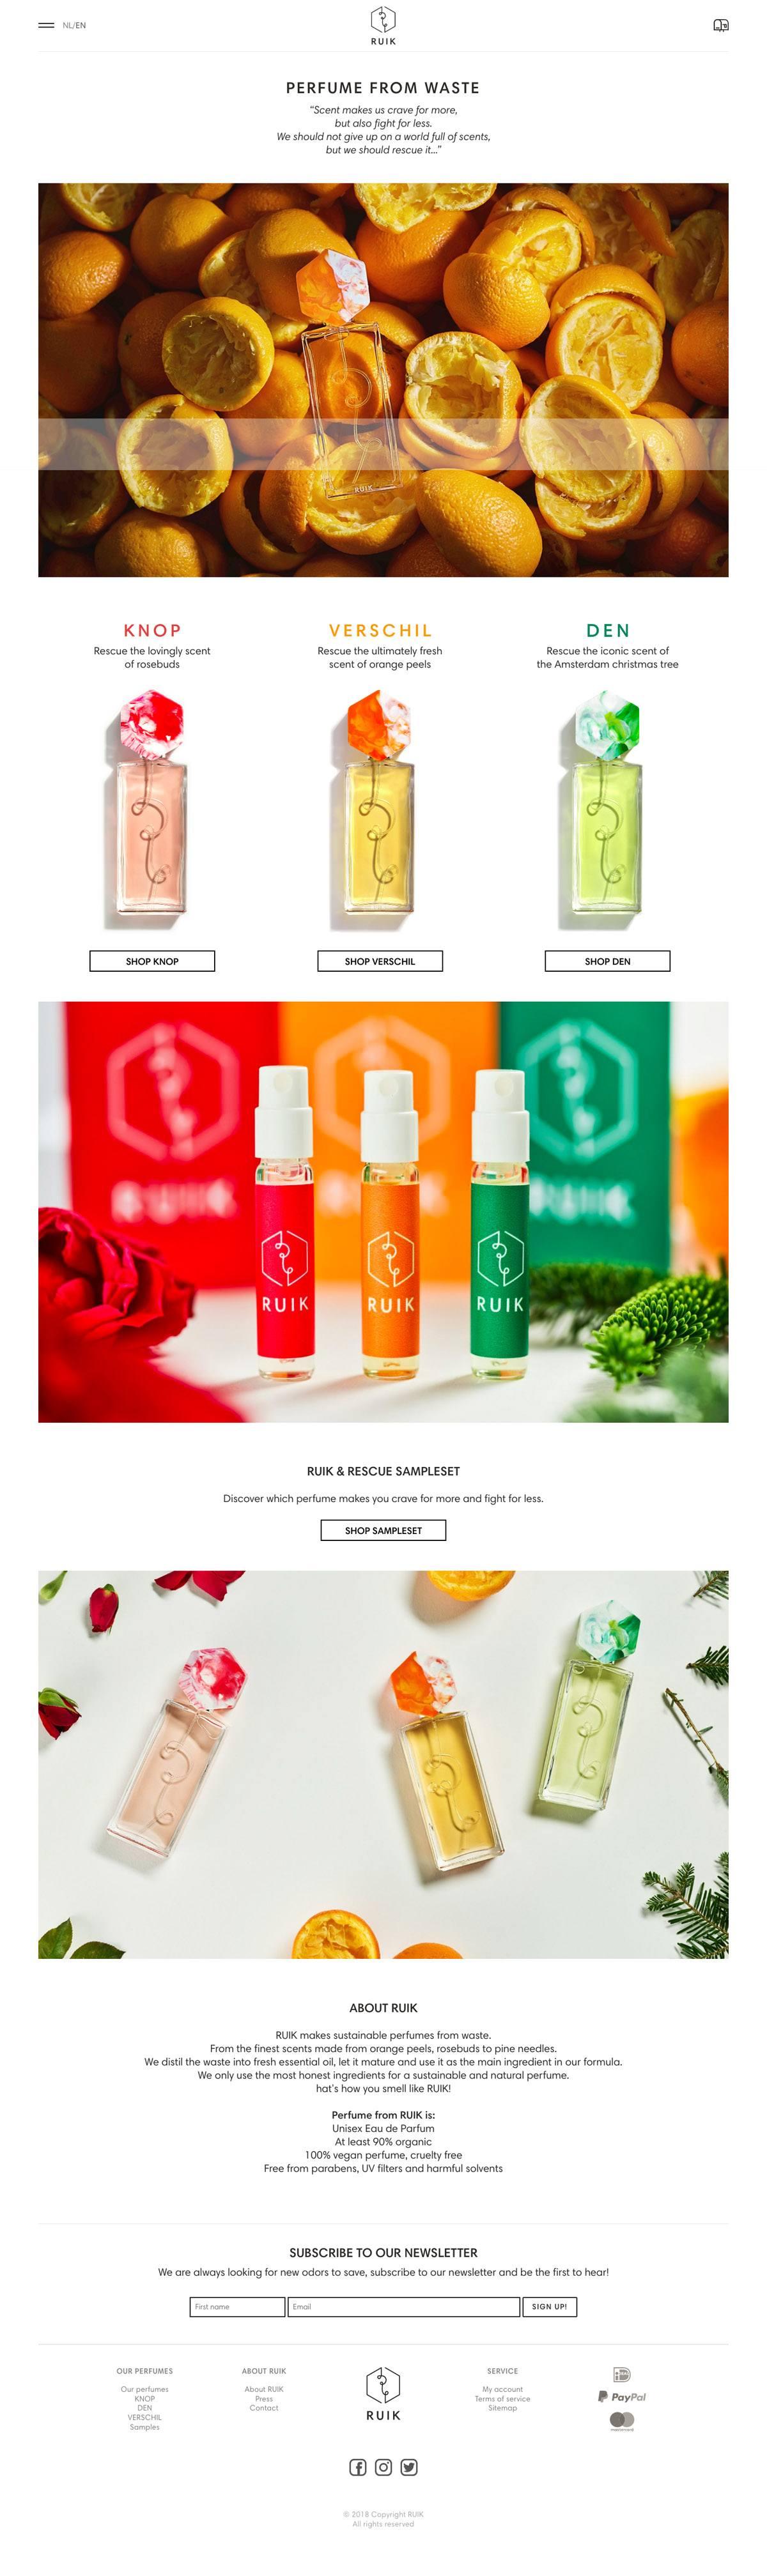 eCommerce website: RUIK